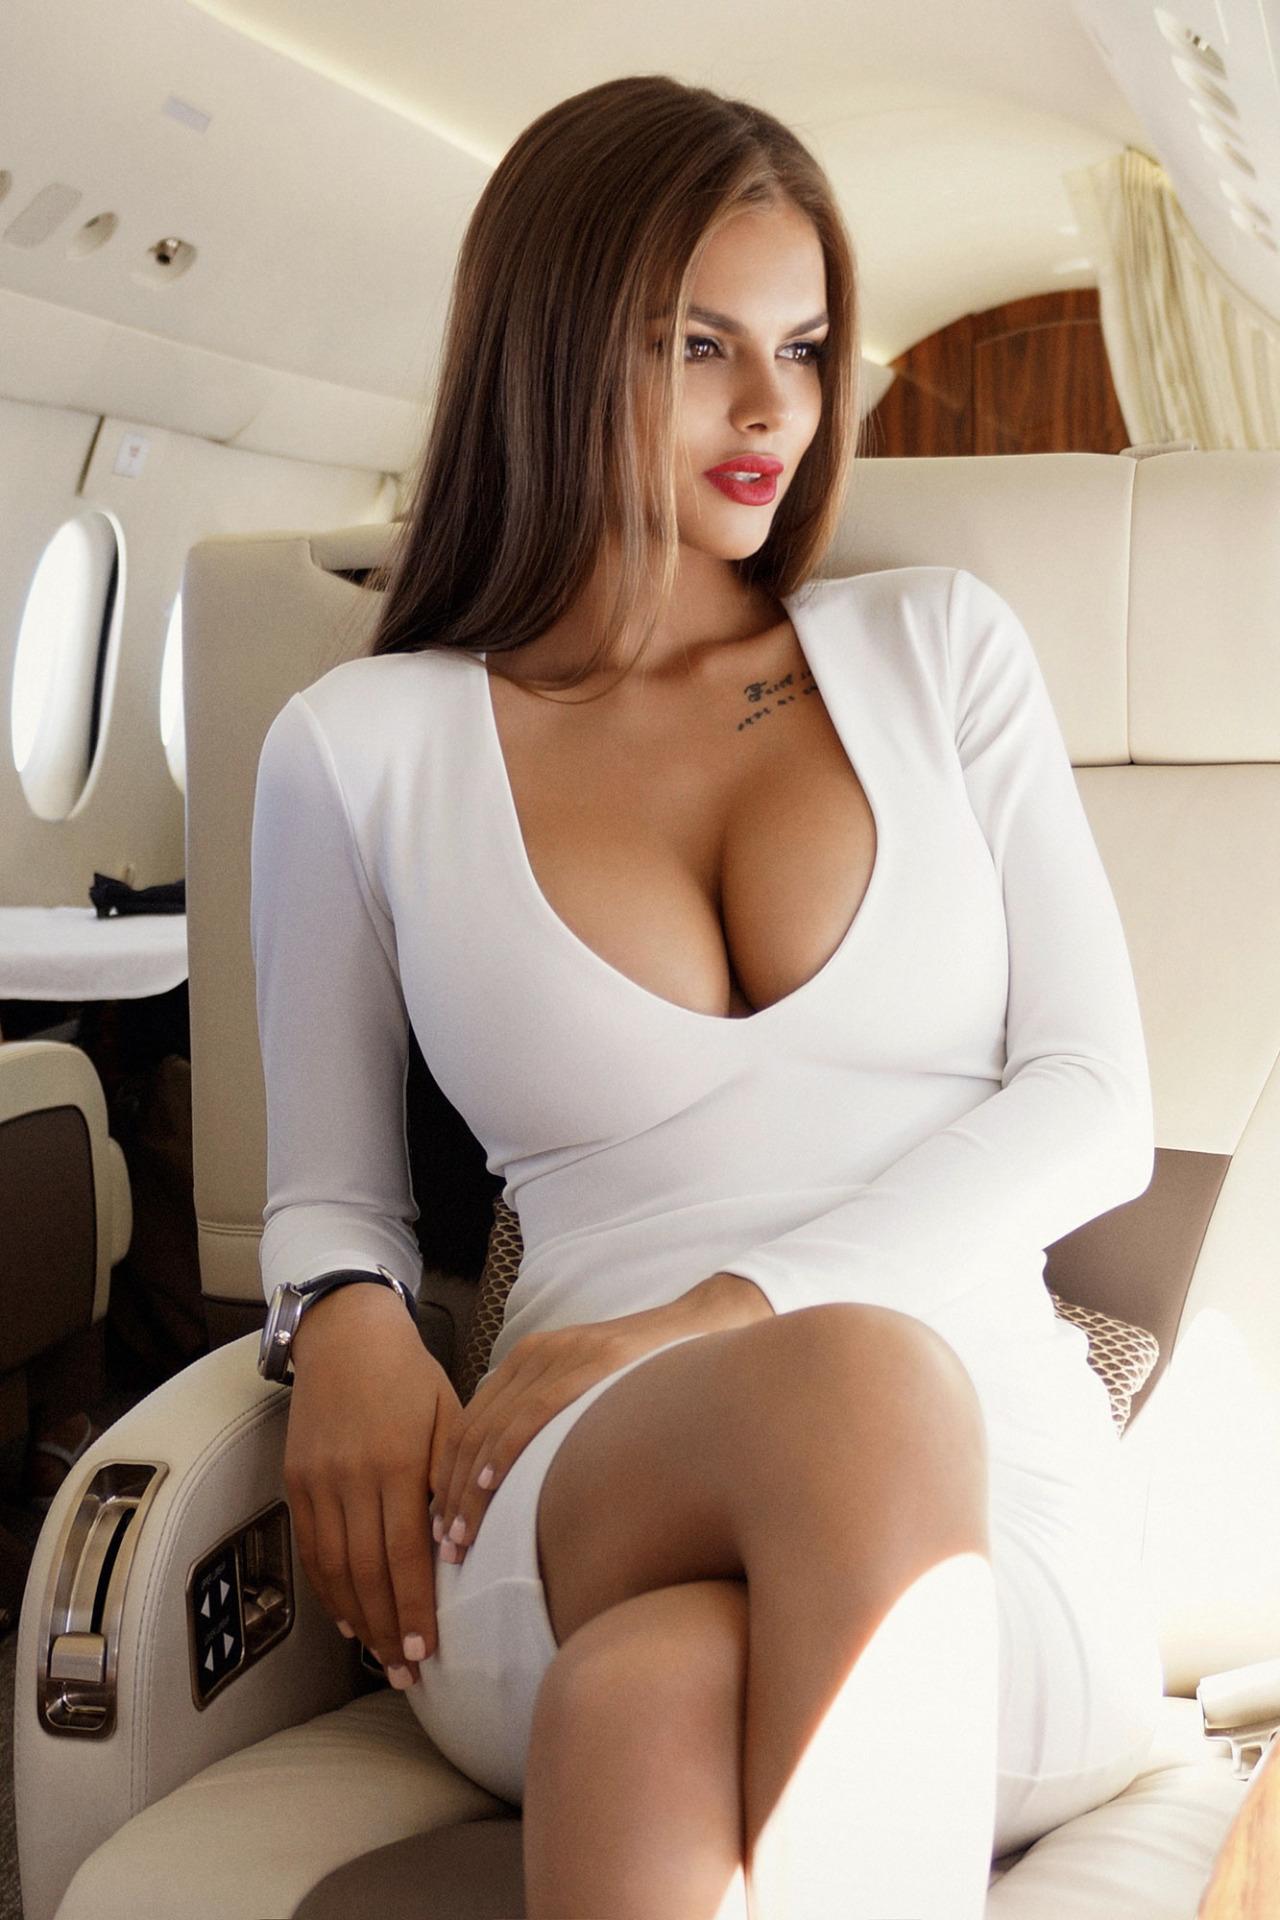 girl viki odintcova hot white dress plane 1280x1920